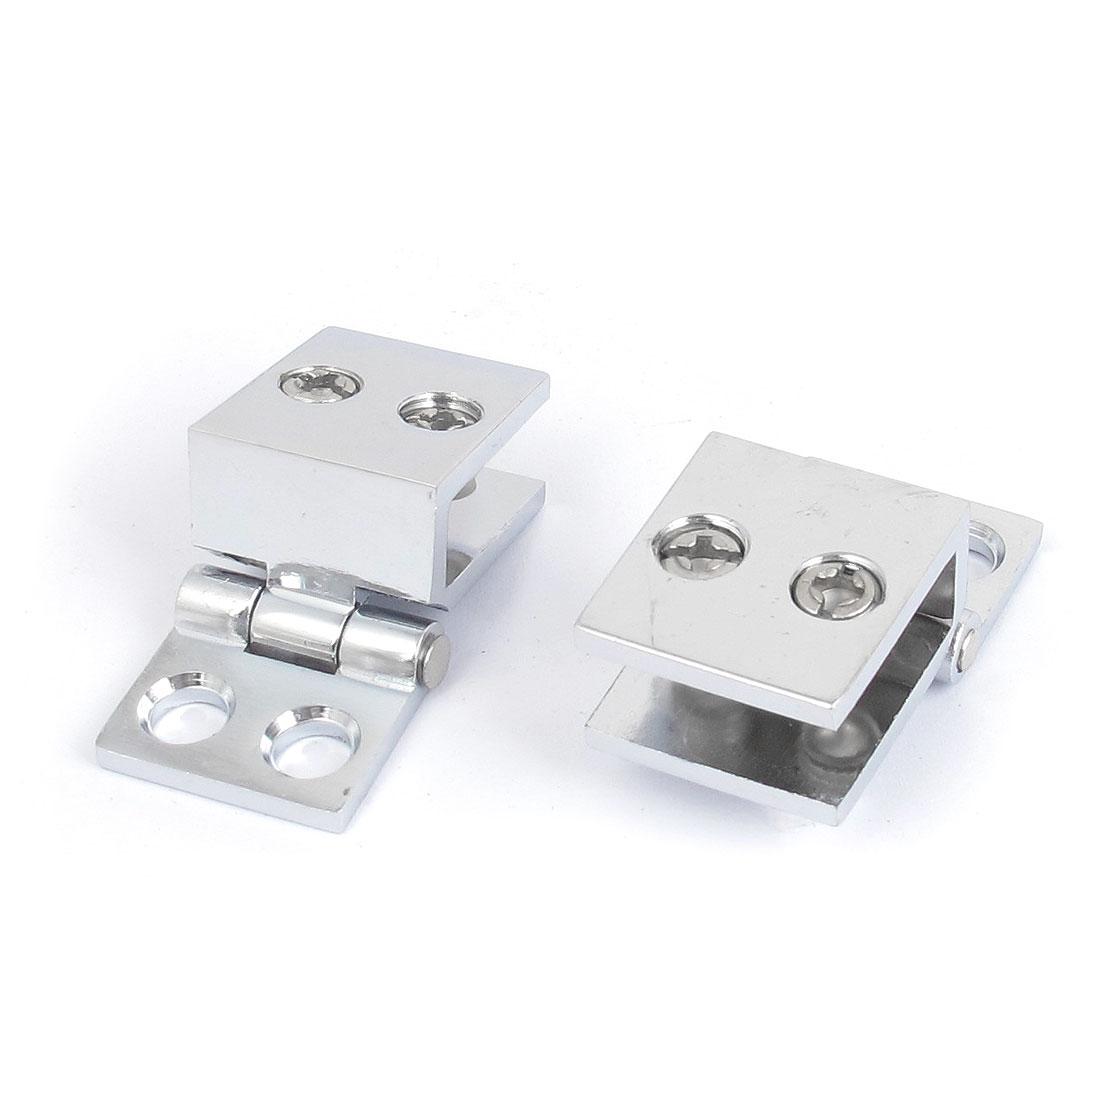 5mm-8mm Adjustable 90 Degree Metal Glass Door Clip Clamp Hinge 2pcs